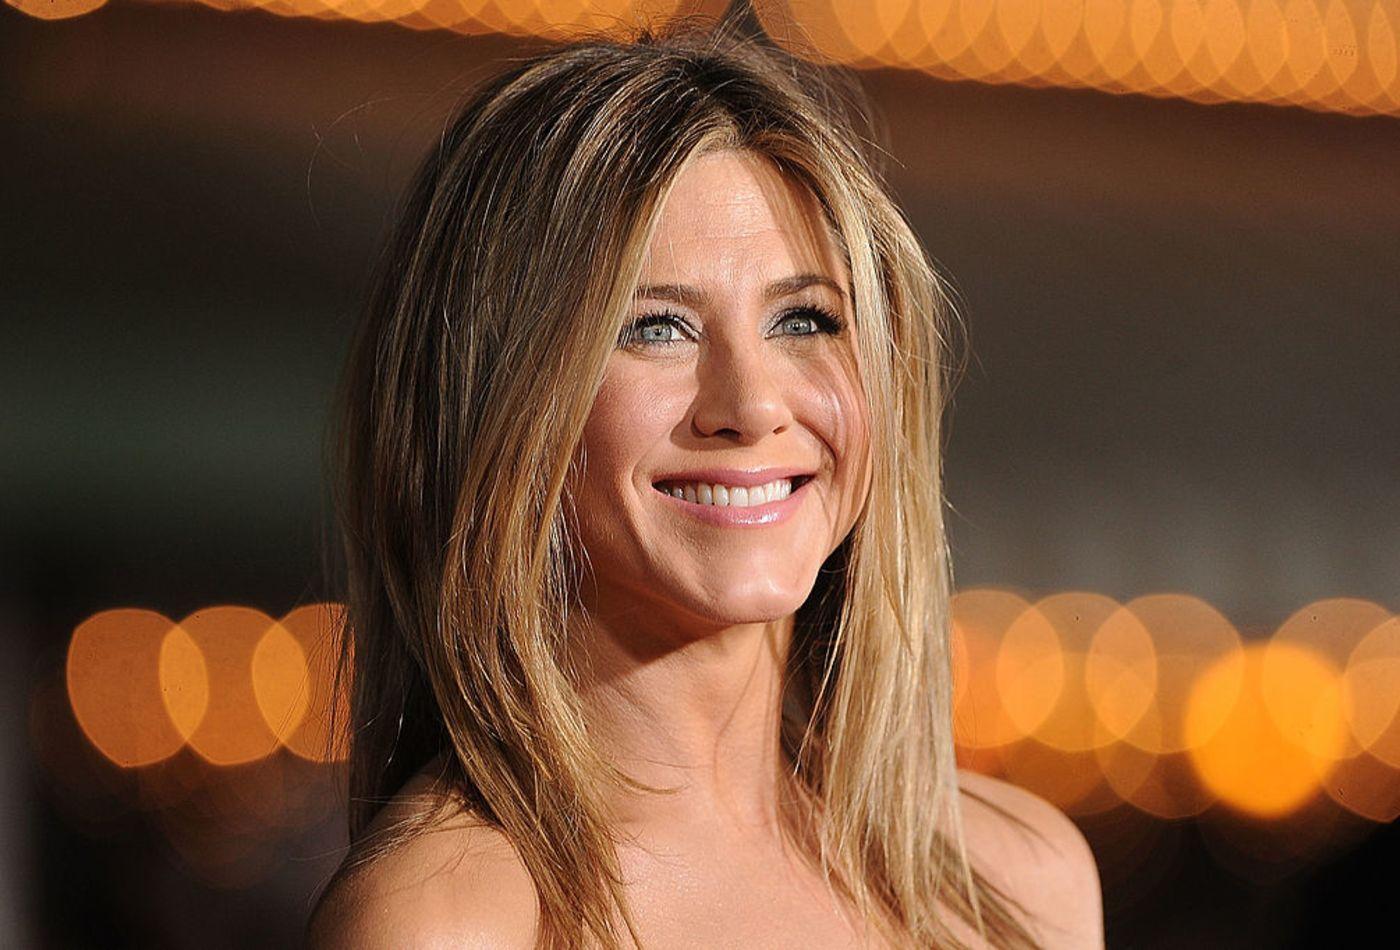 Η Jennifer Aniston, το γυμνό της πορτρέτο και η δημοπρασία του για καλό σκοπό